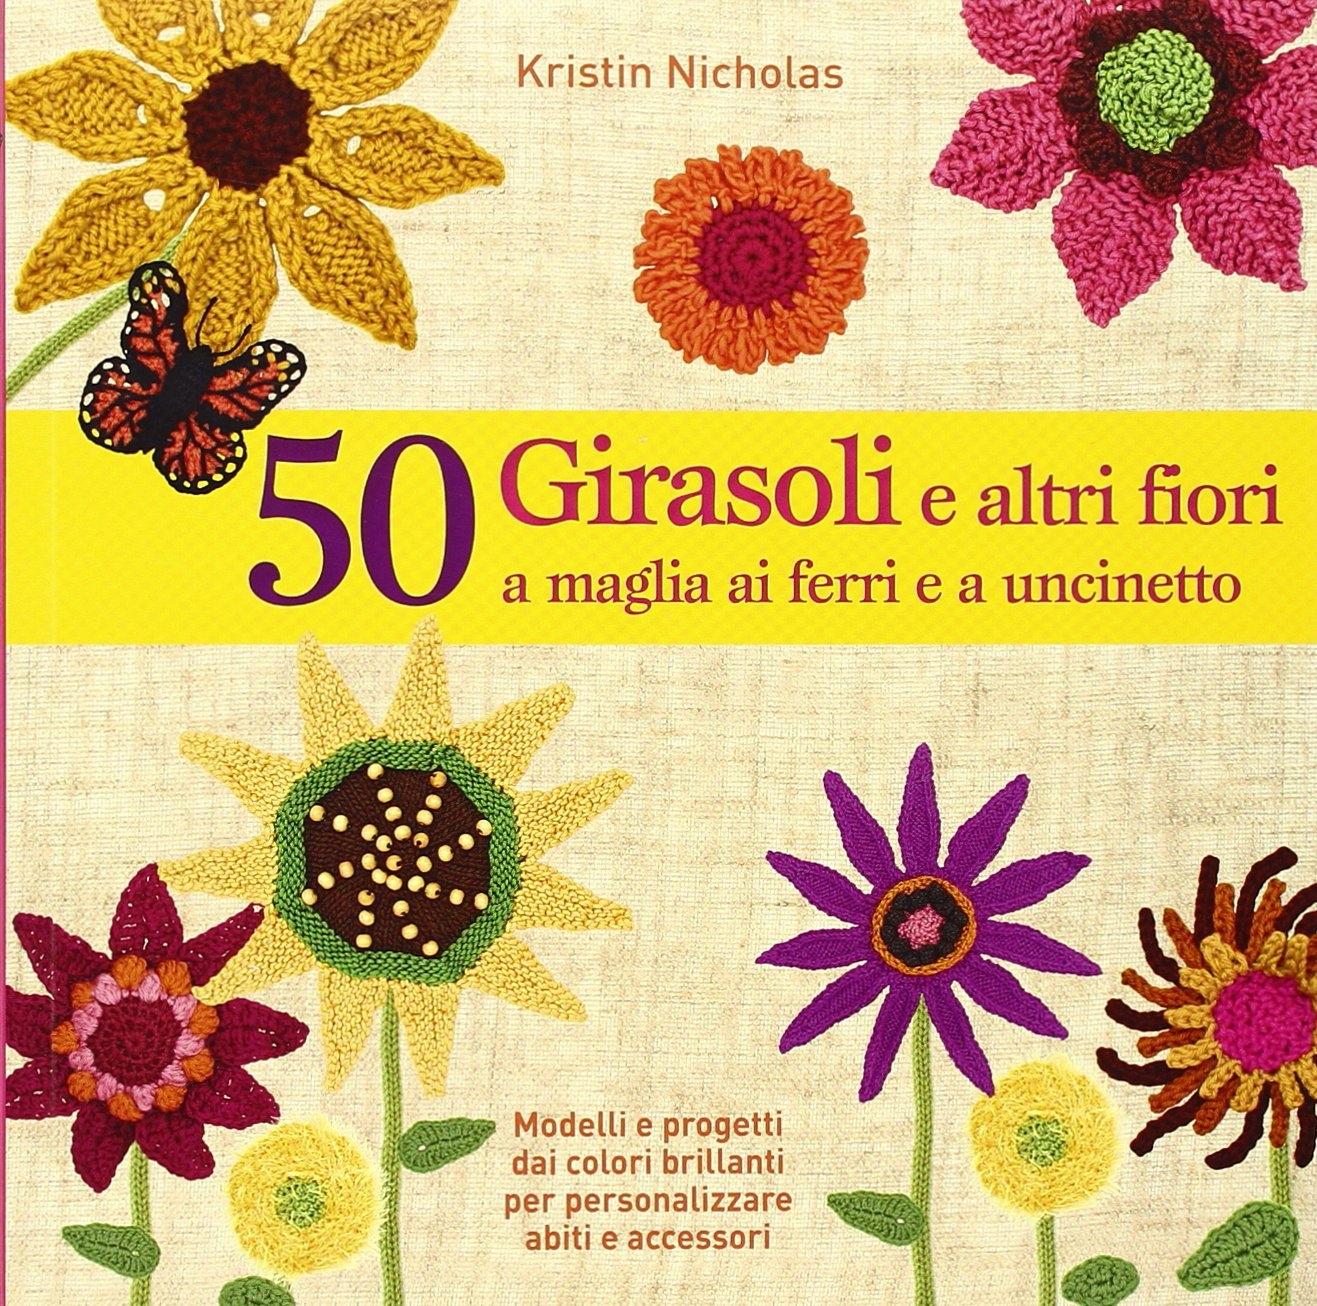 50 girasoli e altri fiori a maglia ai ferri e all'uncinetto.